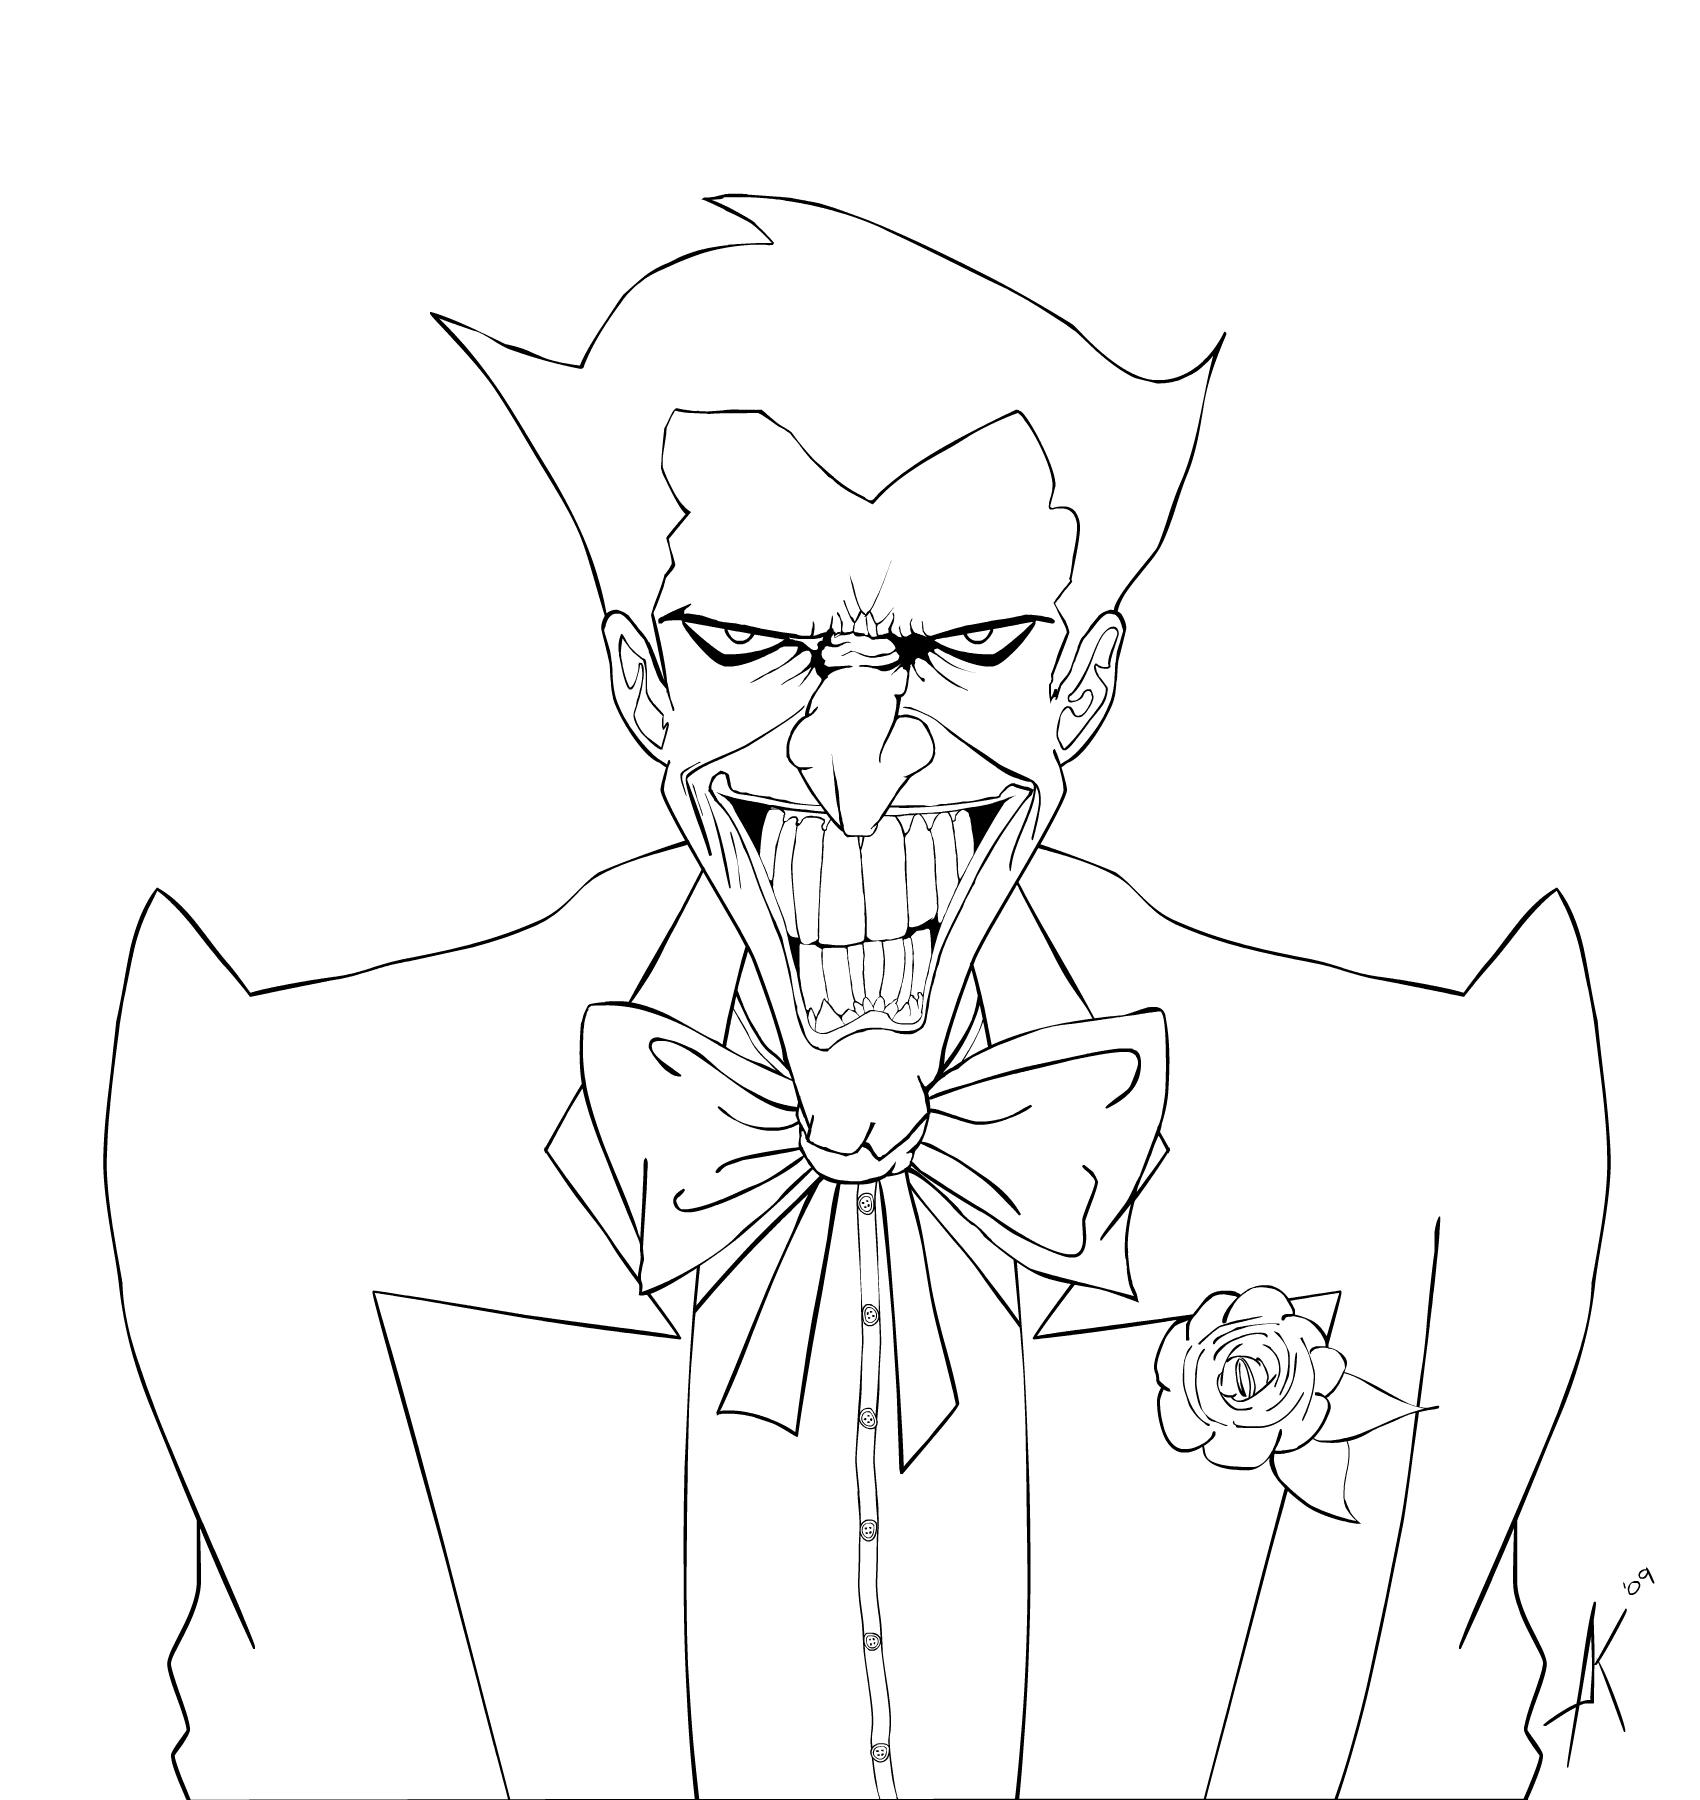 The Joker Line Art : Joker lineart by heartlessomen on deviantart